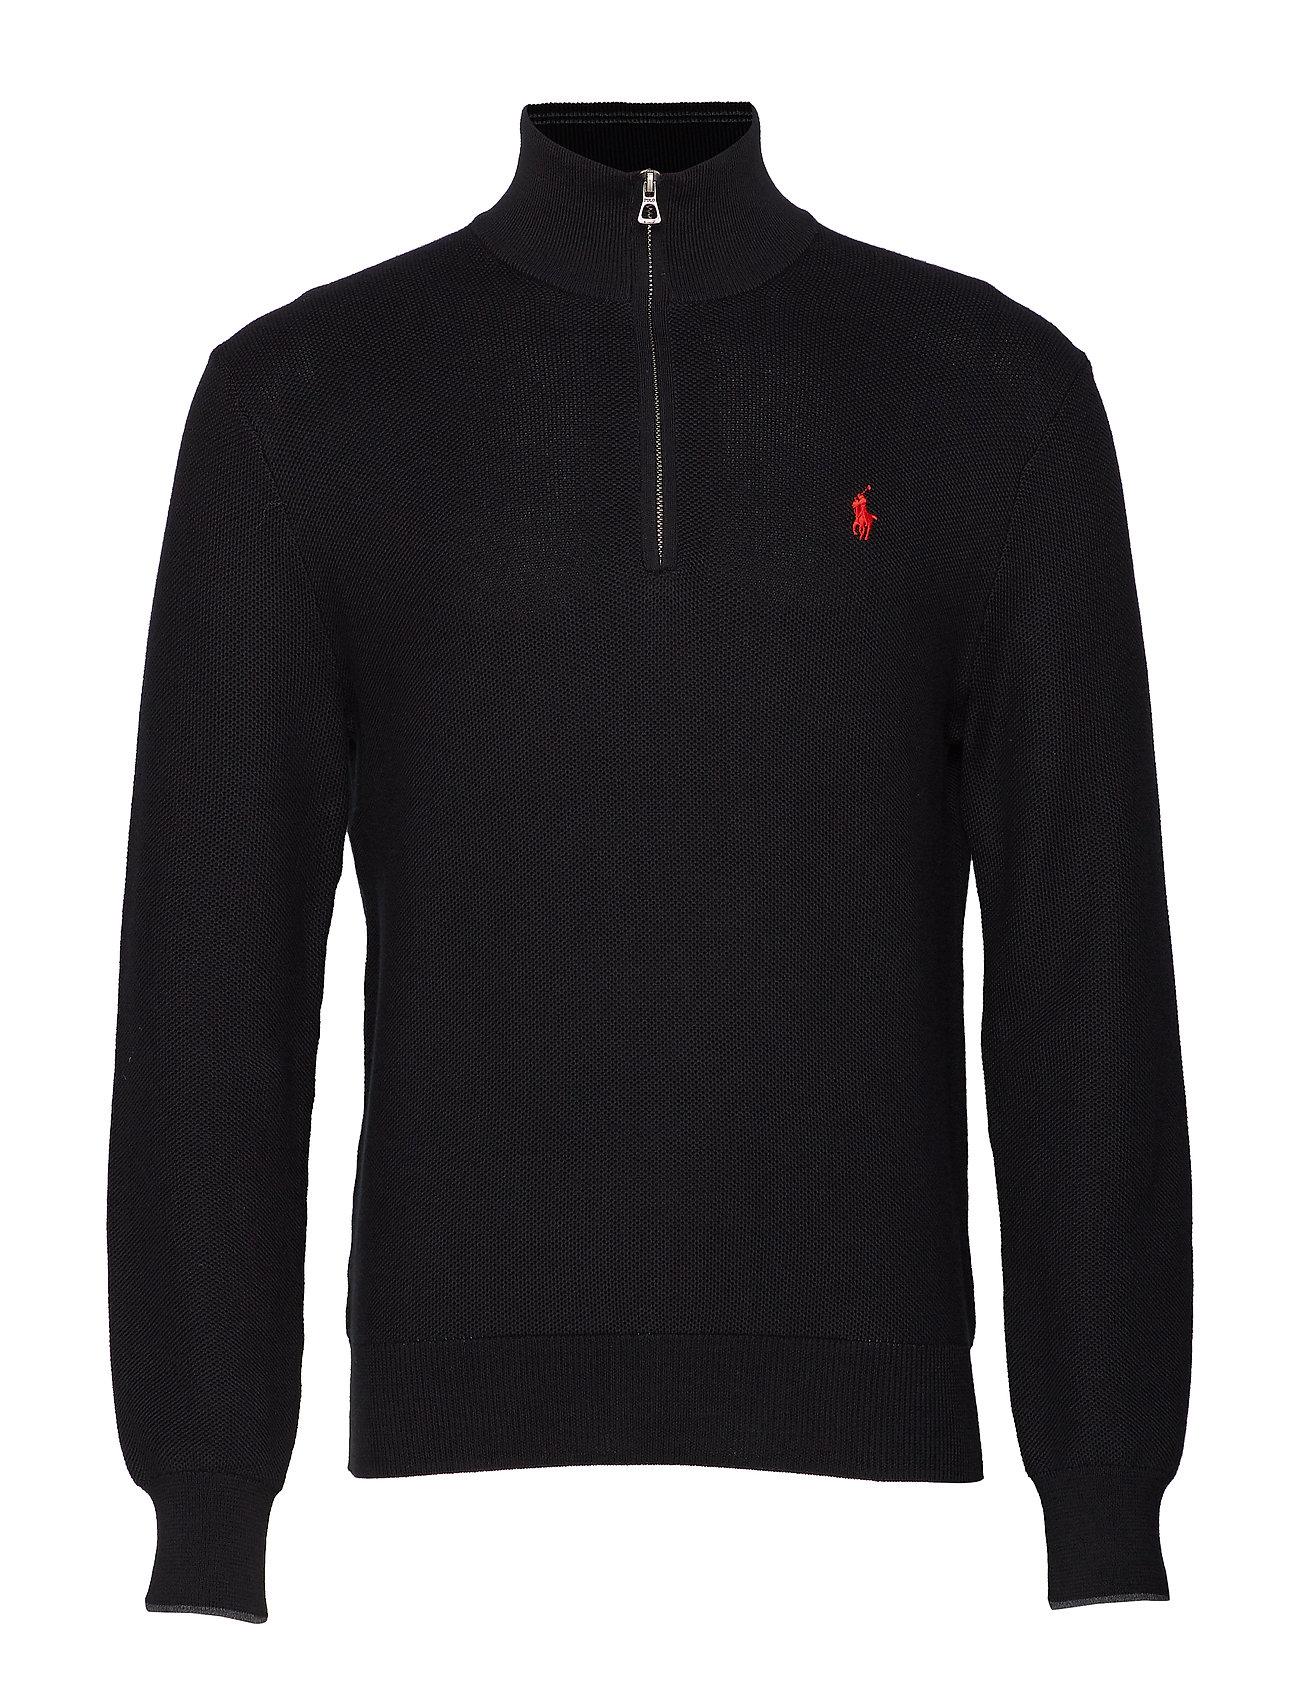 Polo Ralph Lauren Cotton Half-Zip Sweater - BLACK